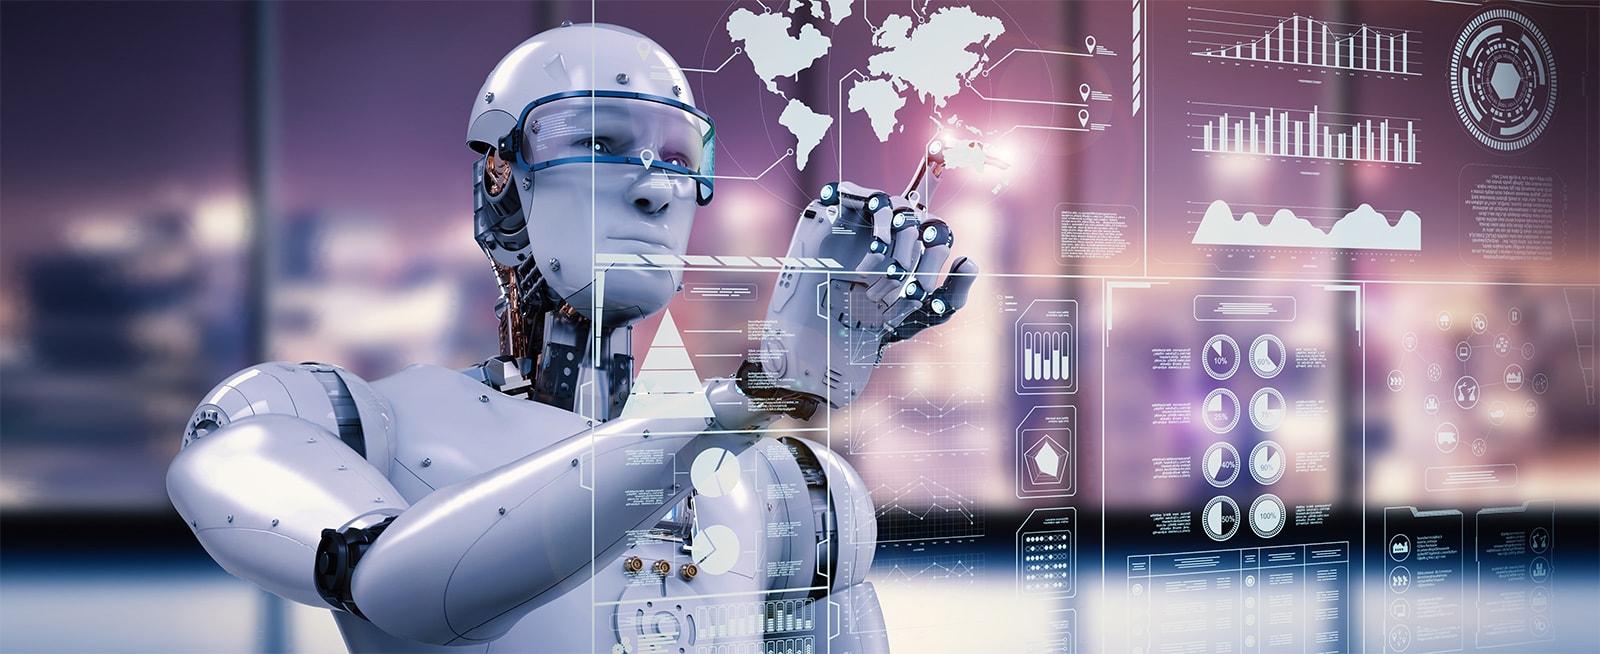 超越人类,谷歌人工智能系统AlphaFold预测出98.5%人类蛋白结构